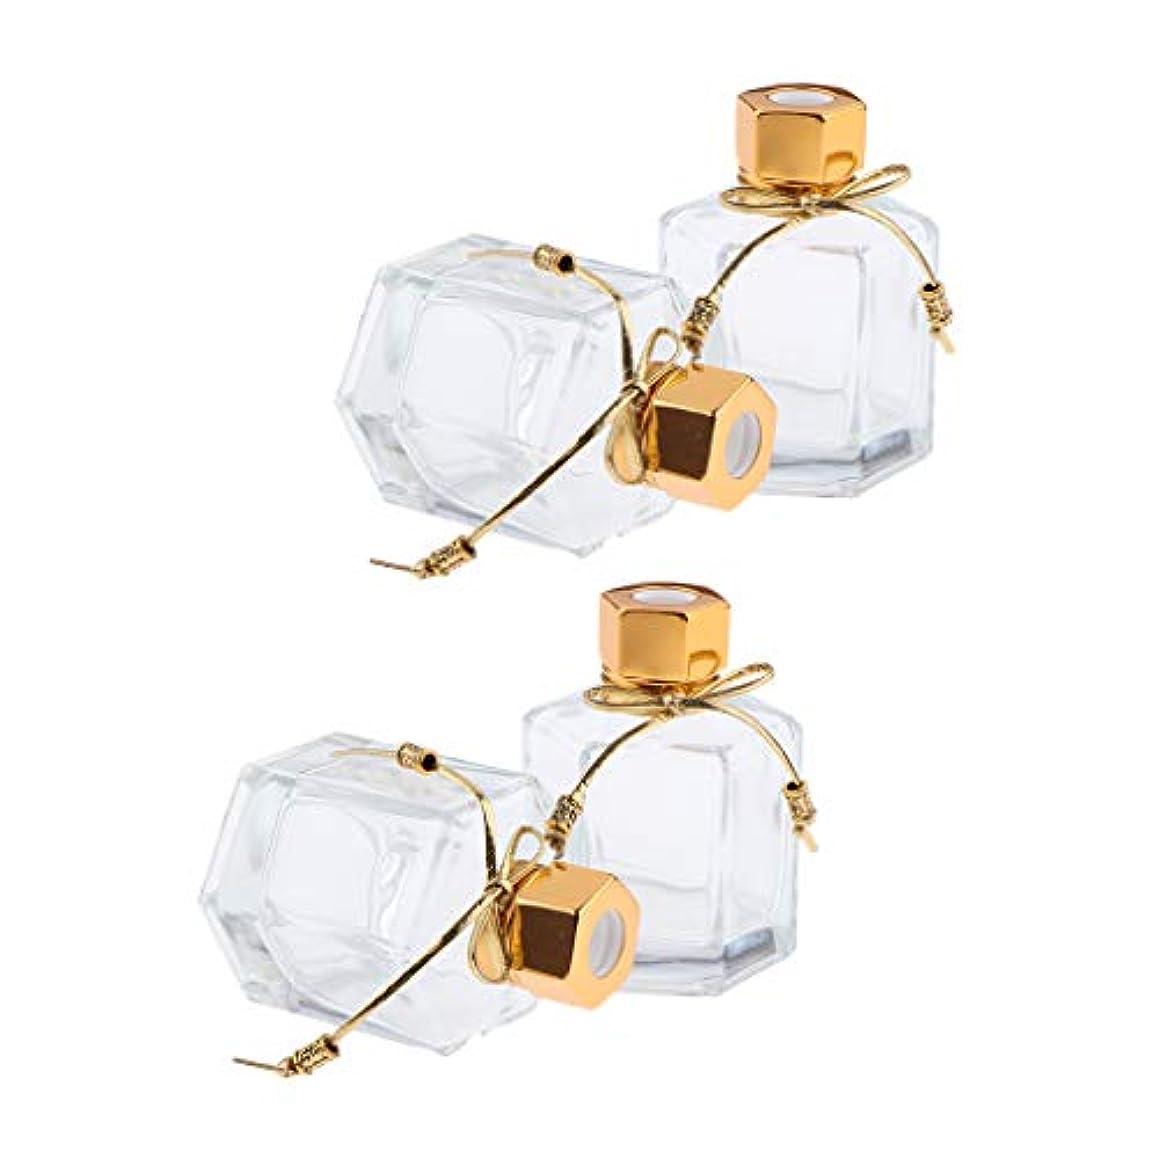 理想的にはくしゃみみがきます香りディフューザーボトル 香水瓶 ガラスボトル 空 ガラス容器 100ml 4個入り